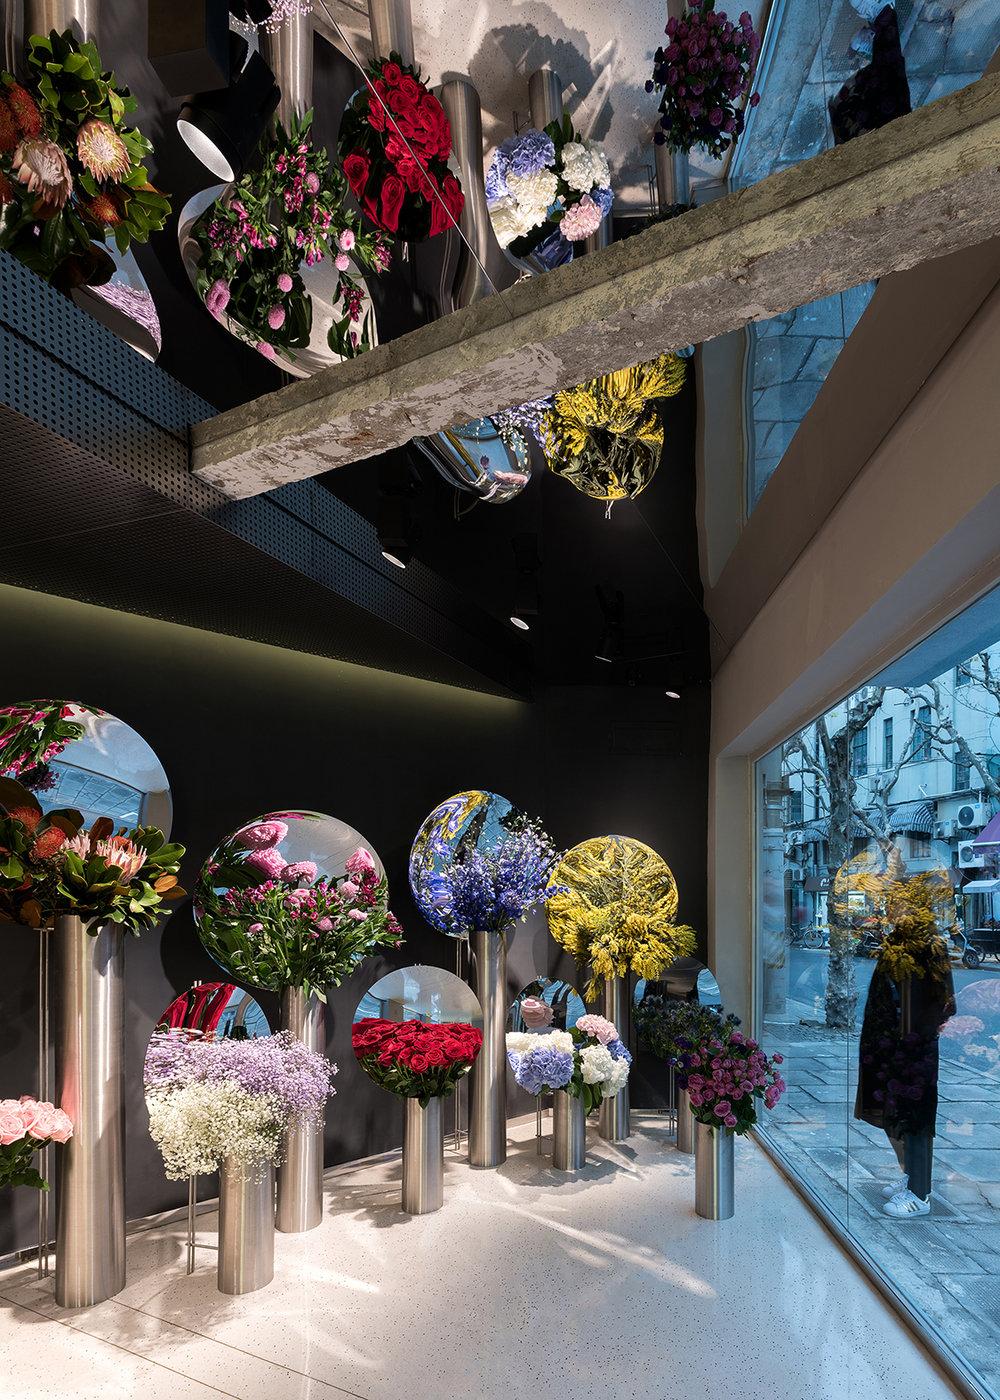 A  July's Flower,  em Xangai, projetada por Alberto Caiola usa espaços amplos, espelhos, metal escovado e concreto para criar um ambiente elegante onde as flores ganham destaque e se multiplicam.